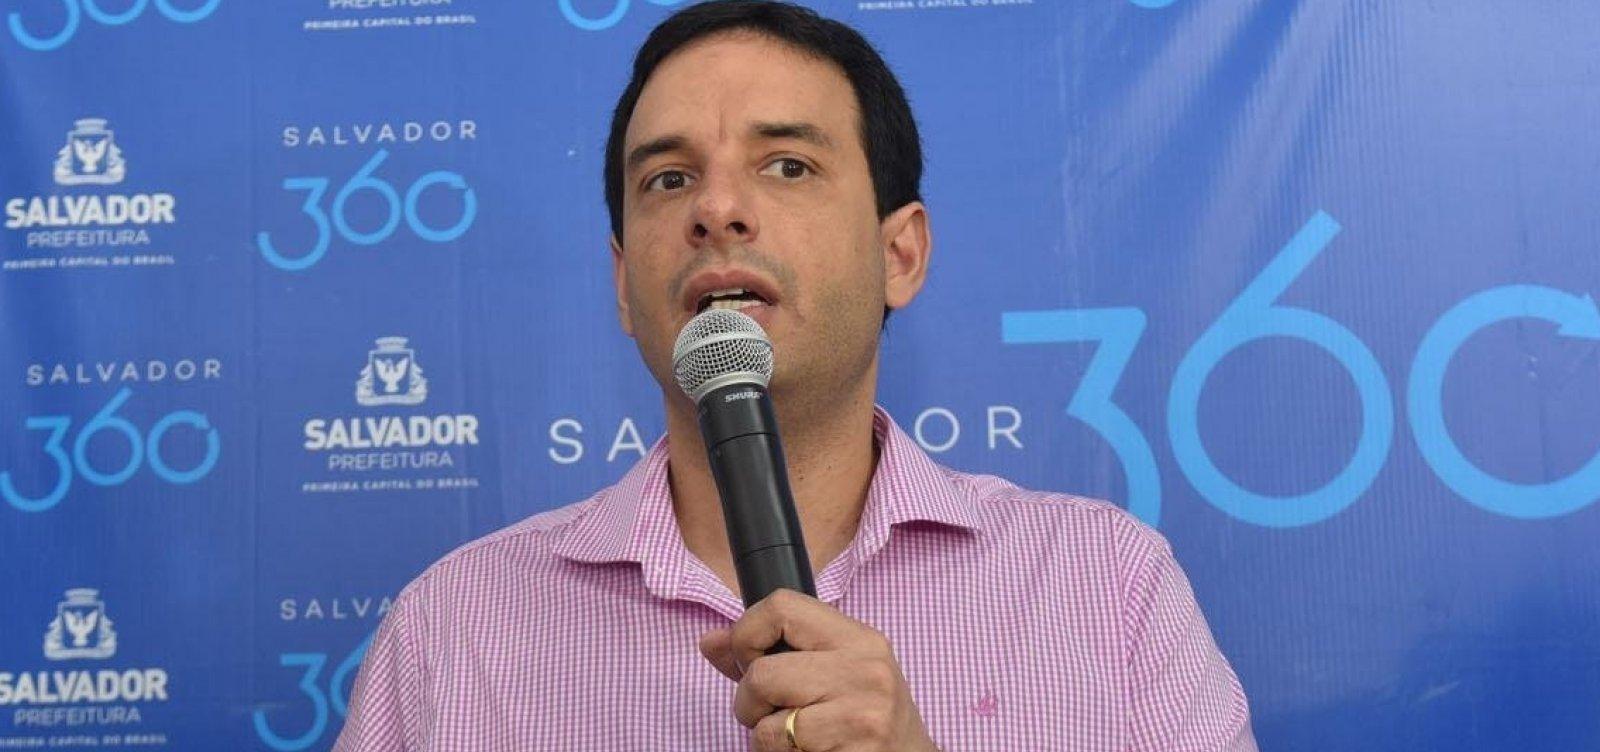 Aplicações diárias da 2ª dose de vacina contra Covid-19 devem aumentar em Salvador, diz secretário